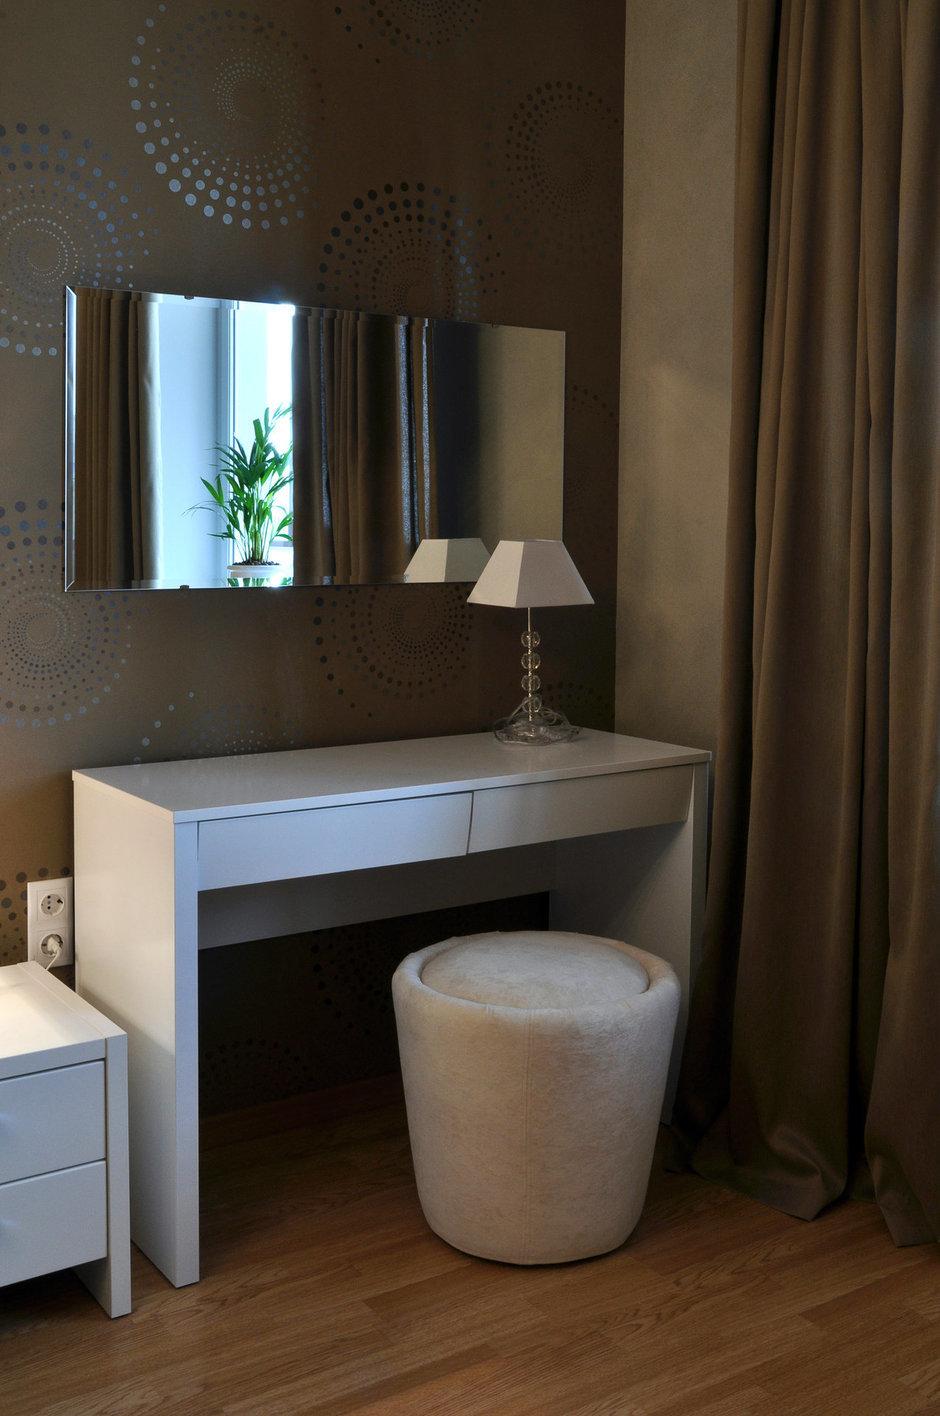 Фотография: Мебель и свет в стиле Современный, Восточный, Малогабаритная квартира, Квартира, Цвет в интерьере, Дома и квартиры, Белый, Переделка – фото на InMyRoom.ru